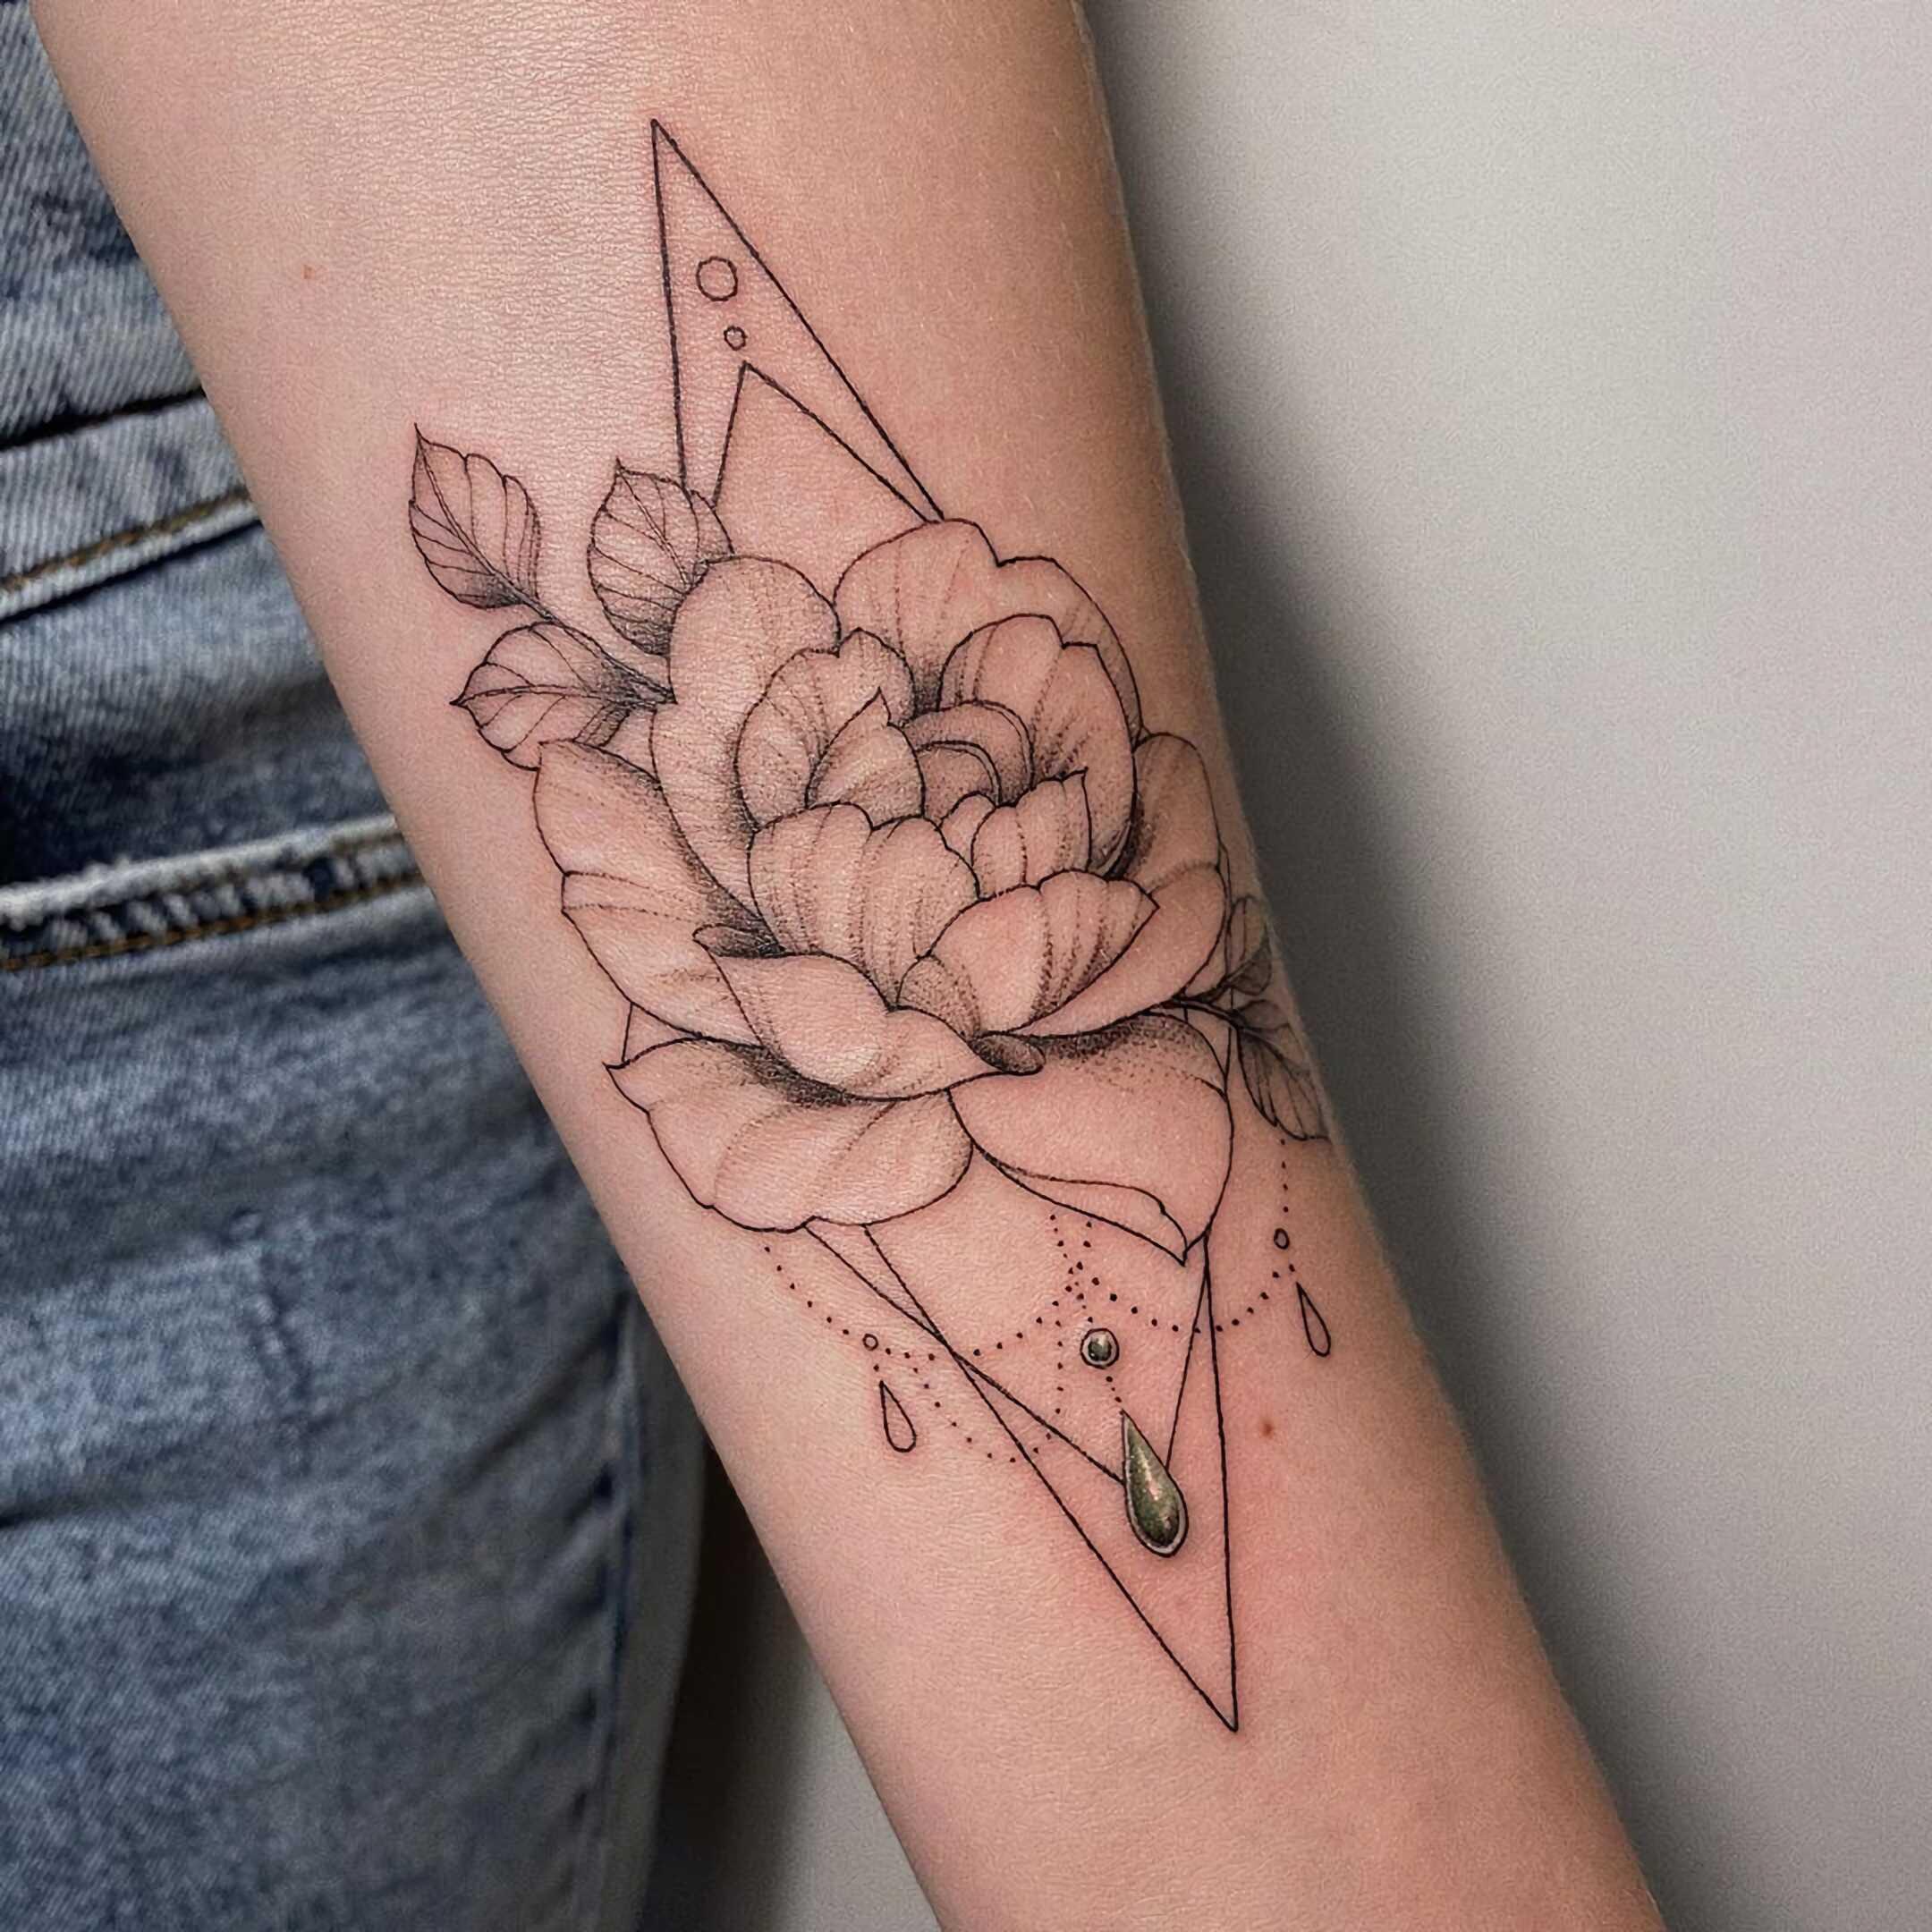 геометрическое тату с цветком на руке